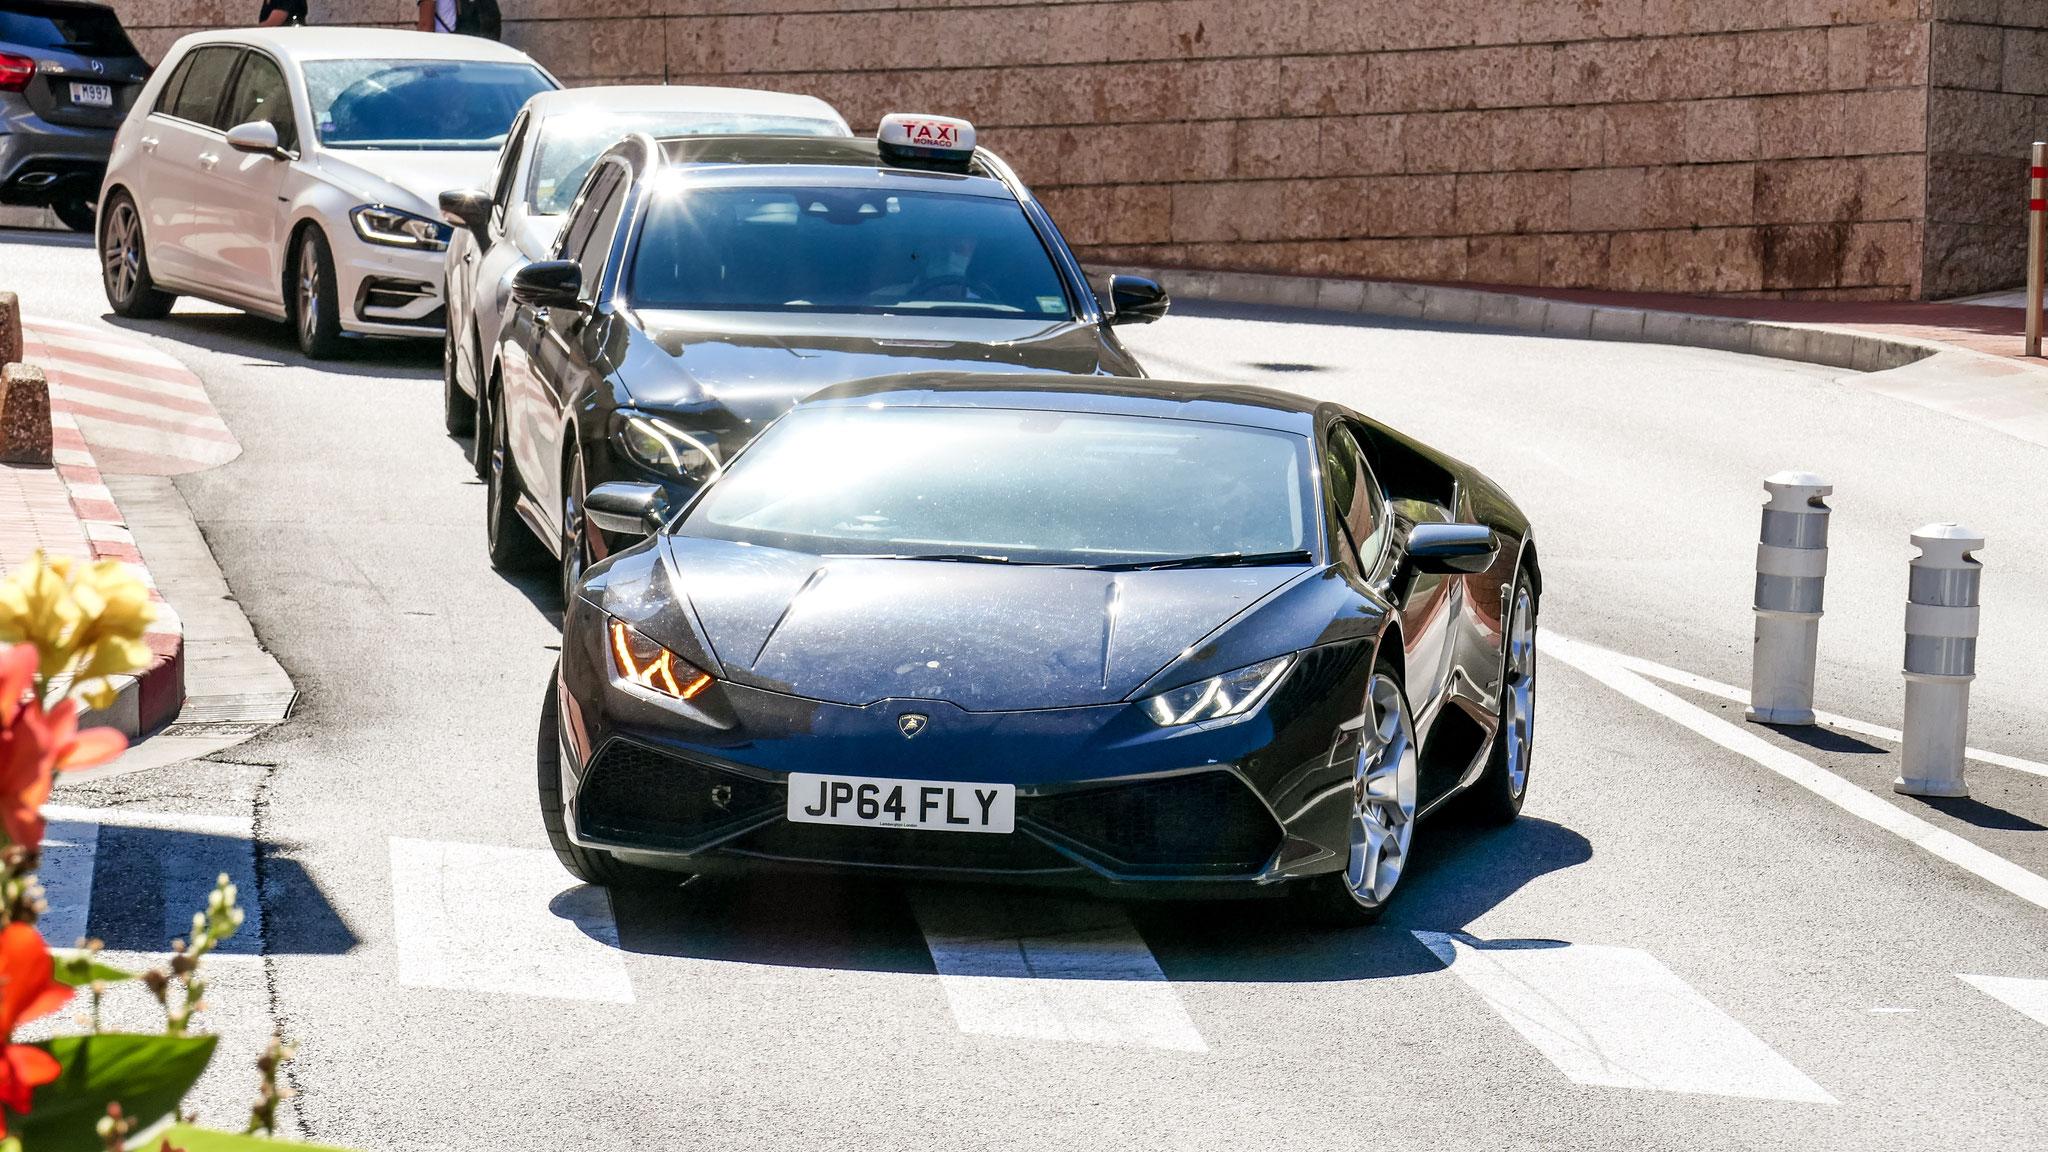 Lamborghini Huracan - JP64-FLY (GB)